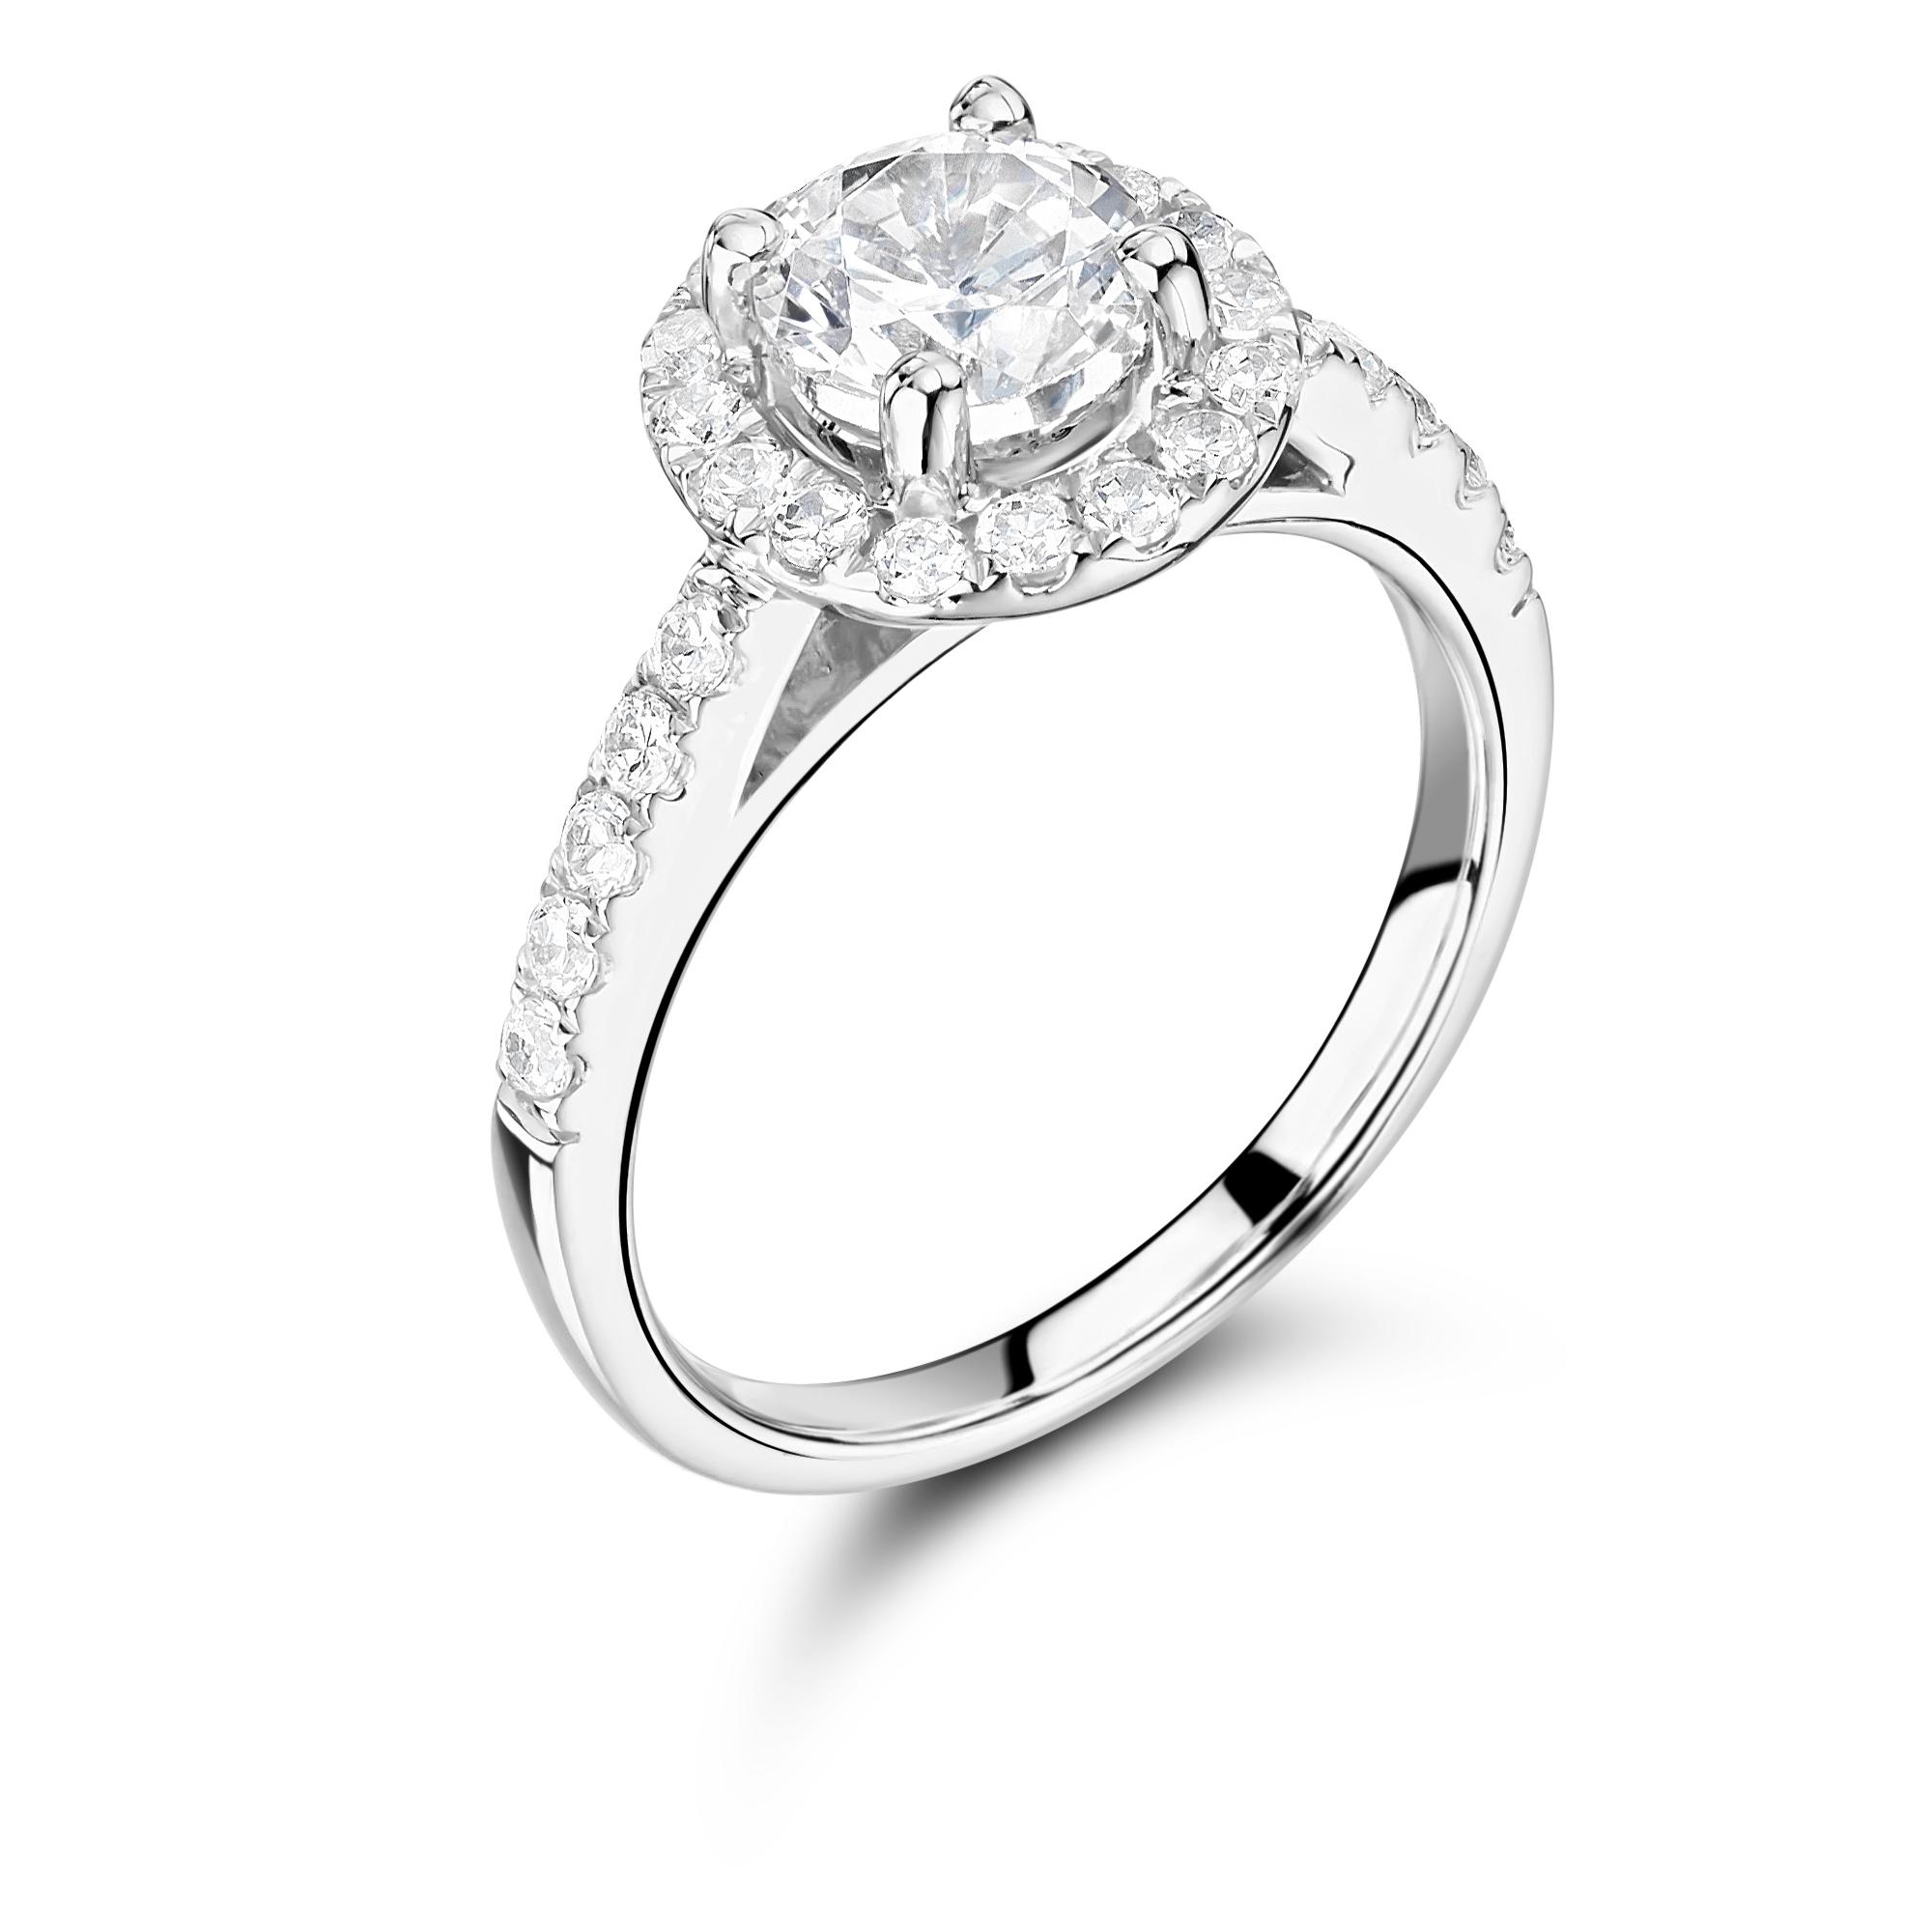 Brilliant Cut Halo Design Engagement Ring